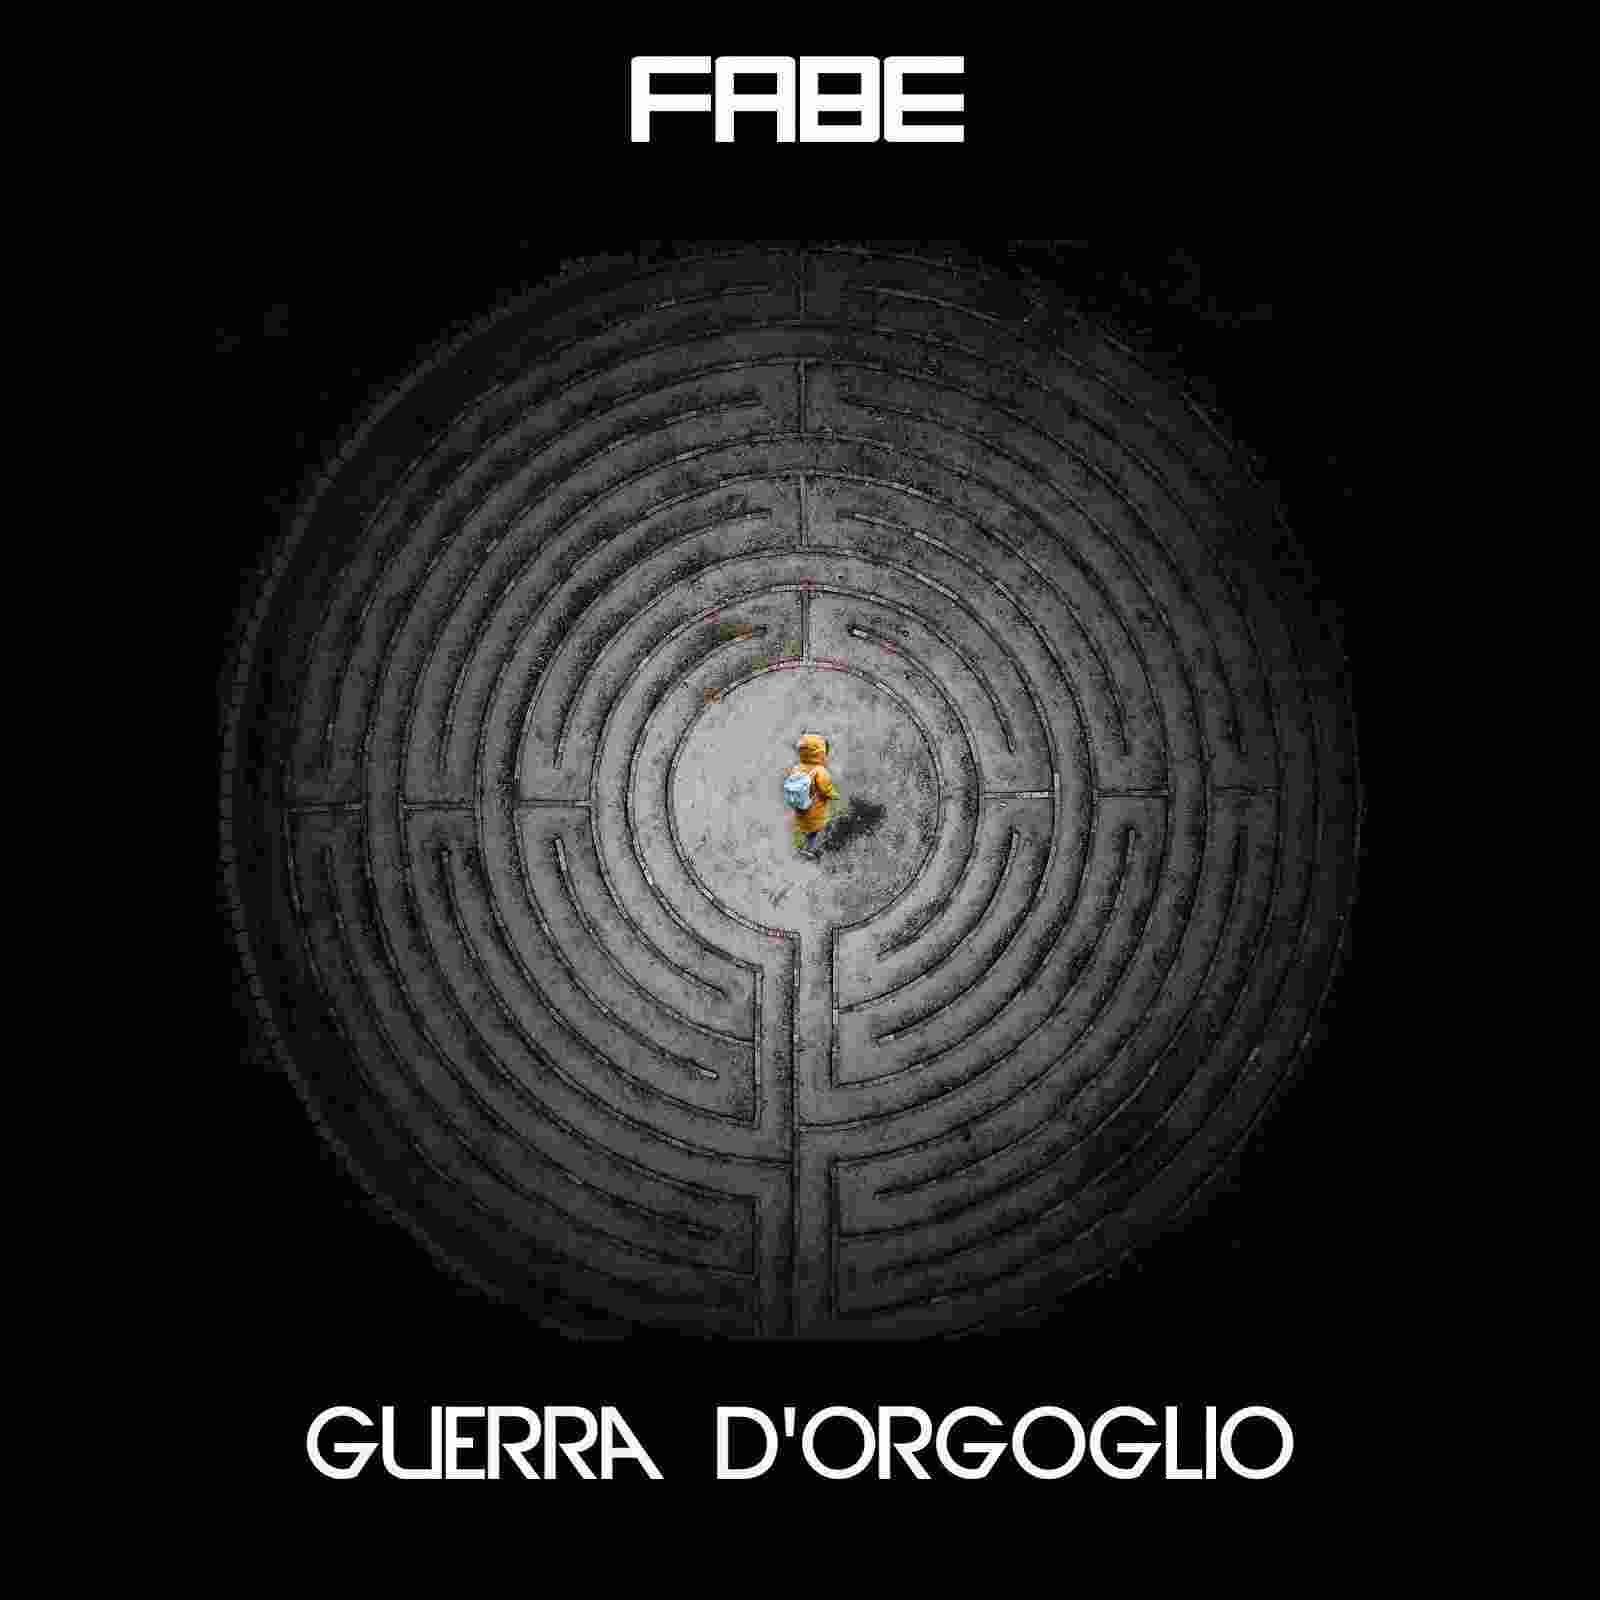 """Fabe, """"Guerra d'orgoglio"""" un brano autobiografico che definisce il carattere deciso dell'omonimo Ep del cantautore torinese"""